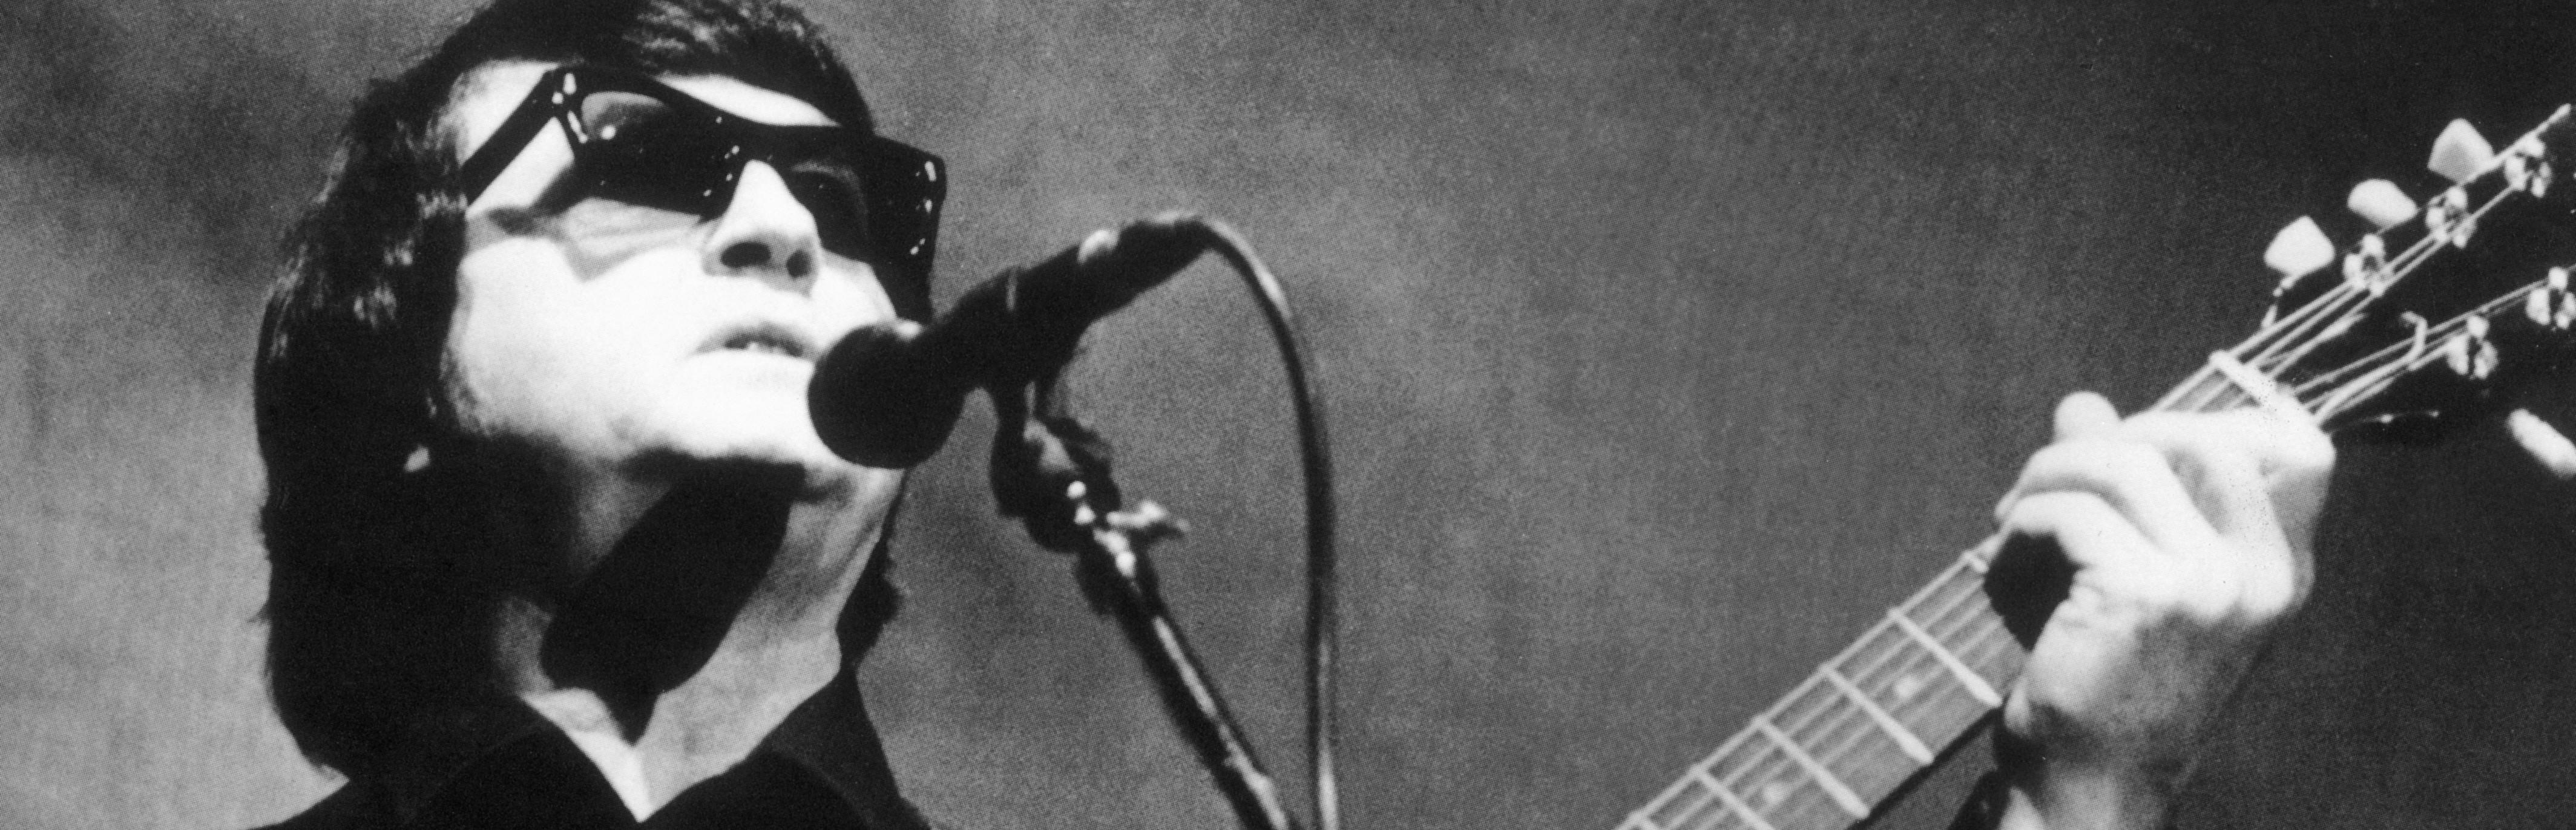 De 5 van: Roy Orbison